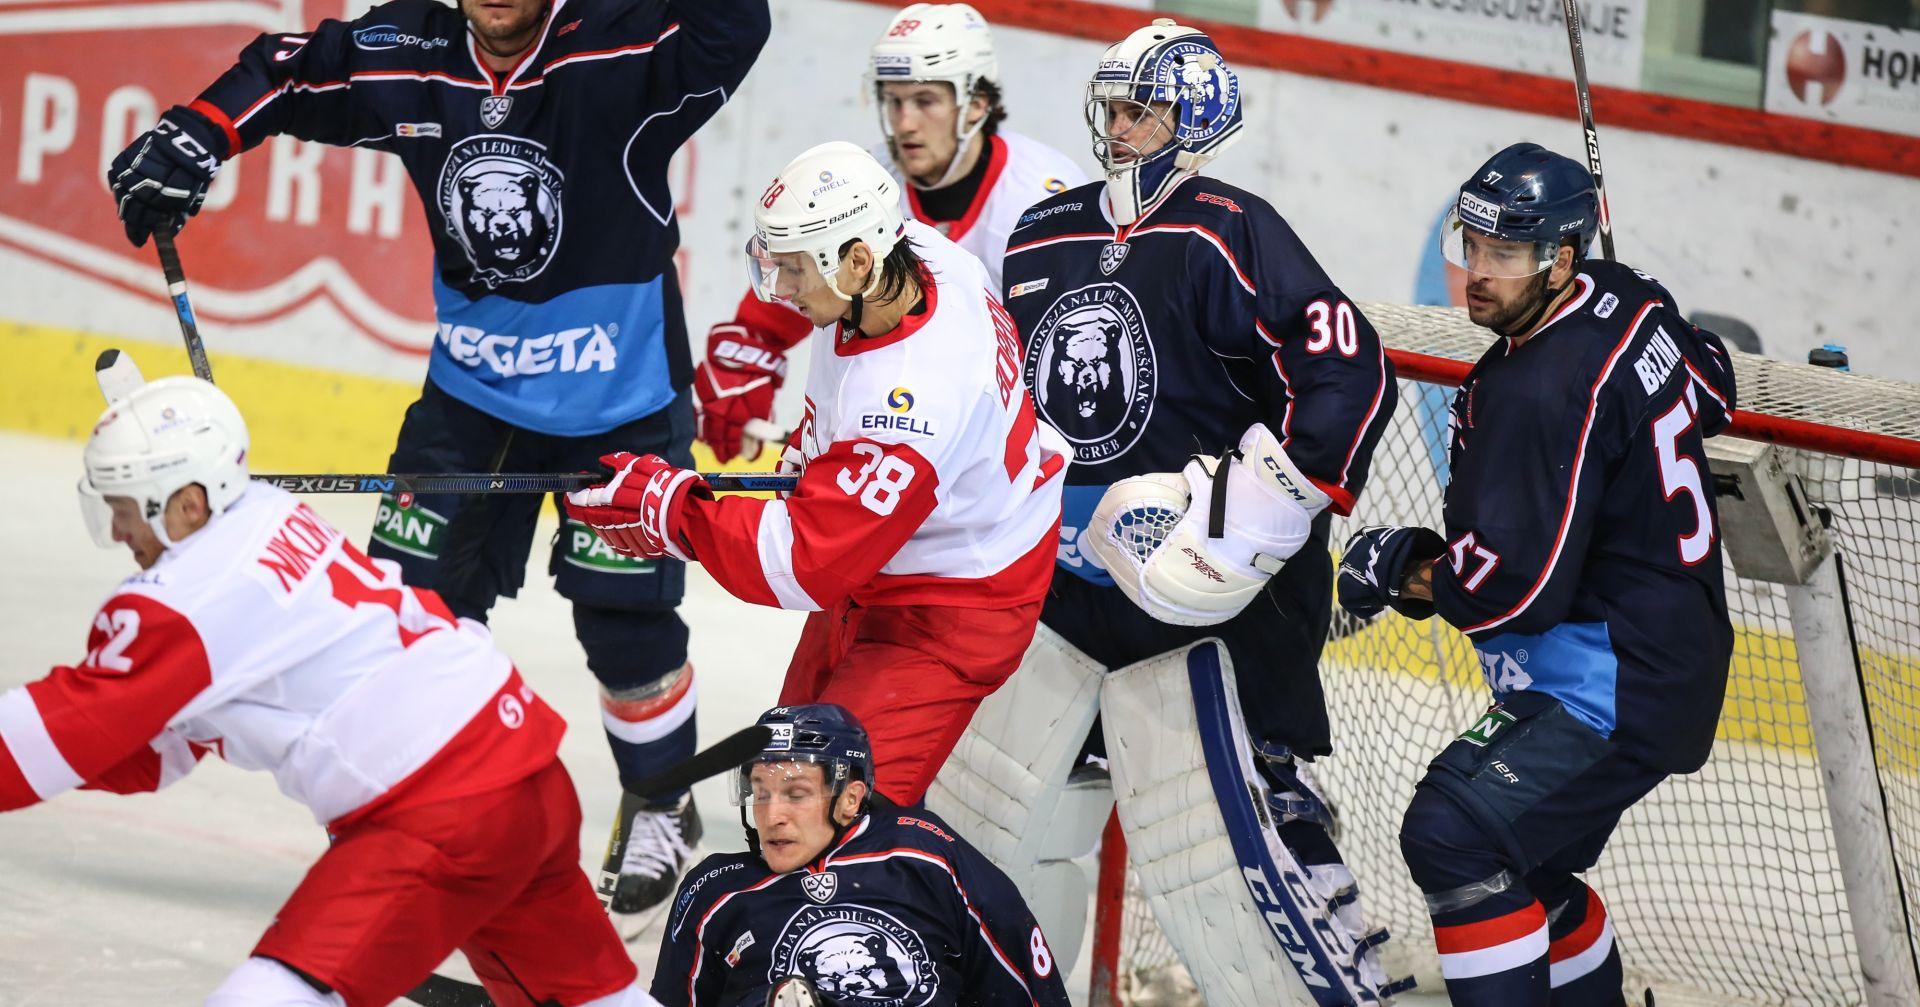 KHL: DRUGI UZASTOPNI PORAZ Spartak slavio u Domu sportova